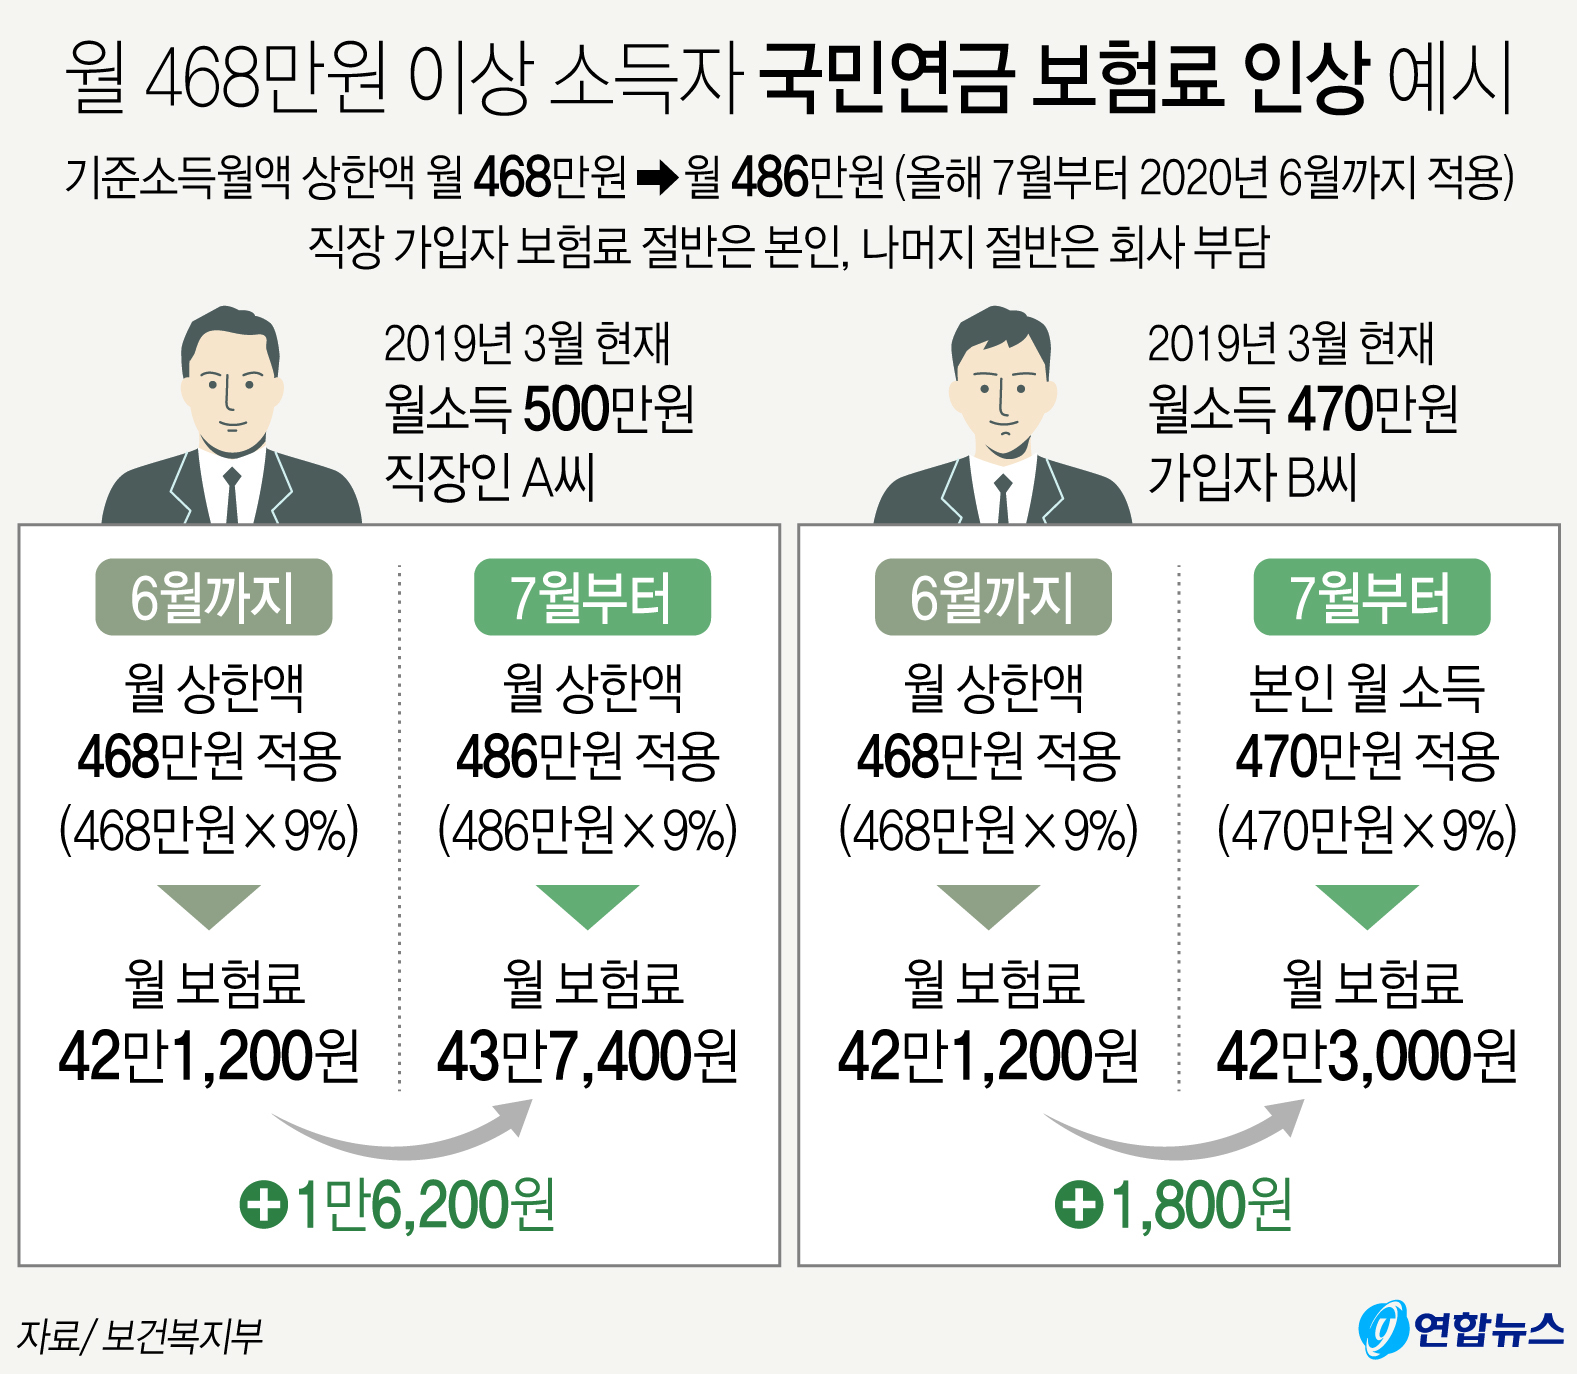 월 468만원 이상 소득자 국민연금 보험료 인상 예시. [연합뉴스]